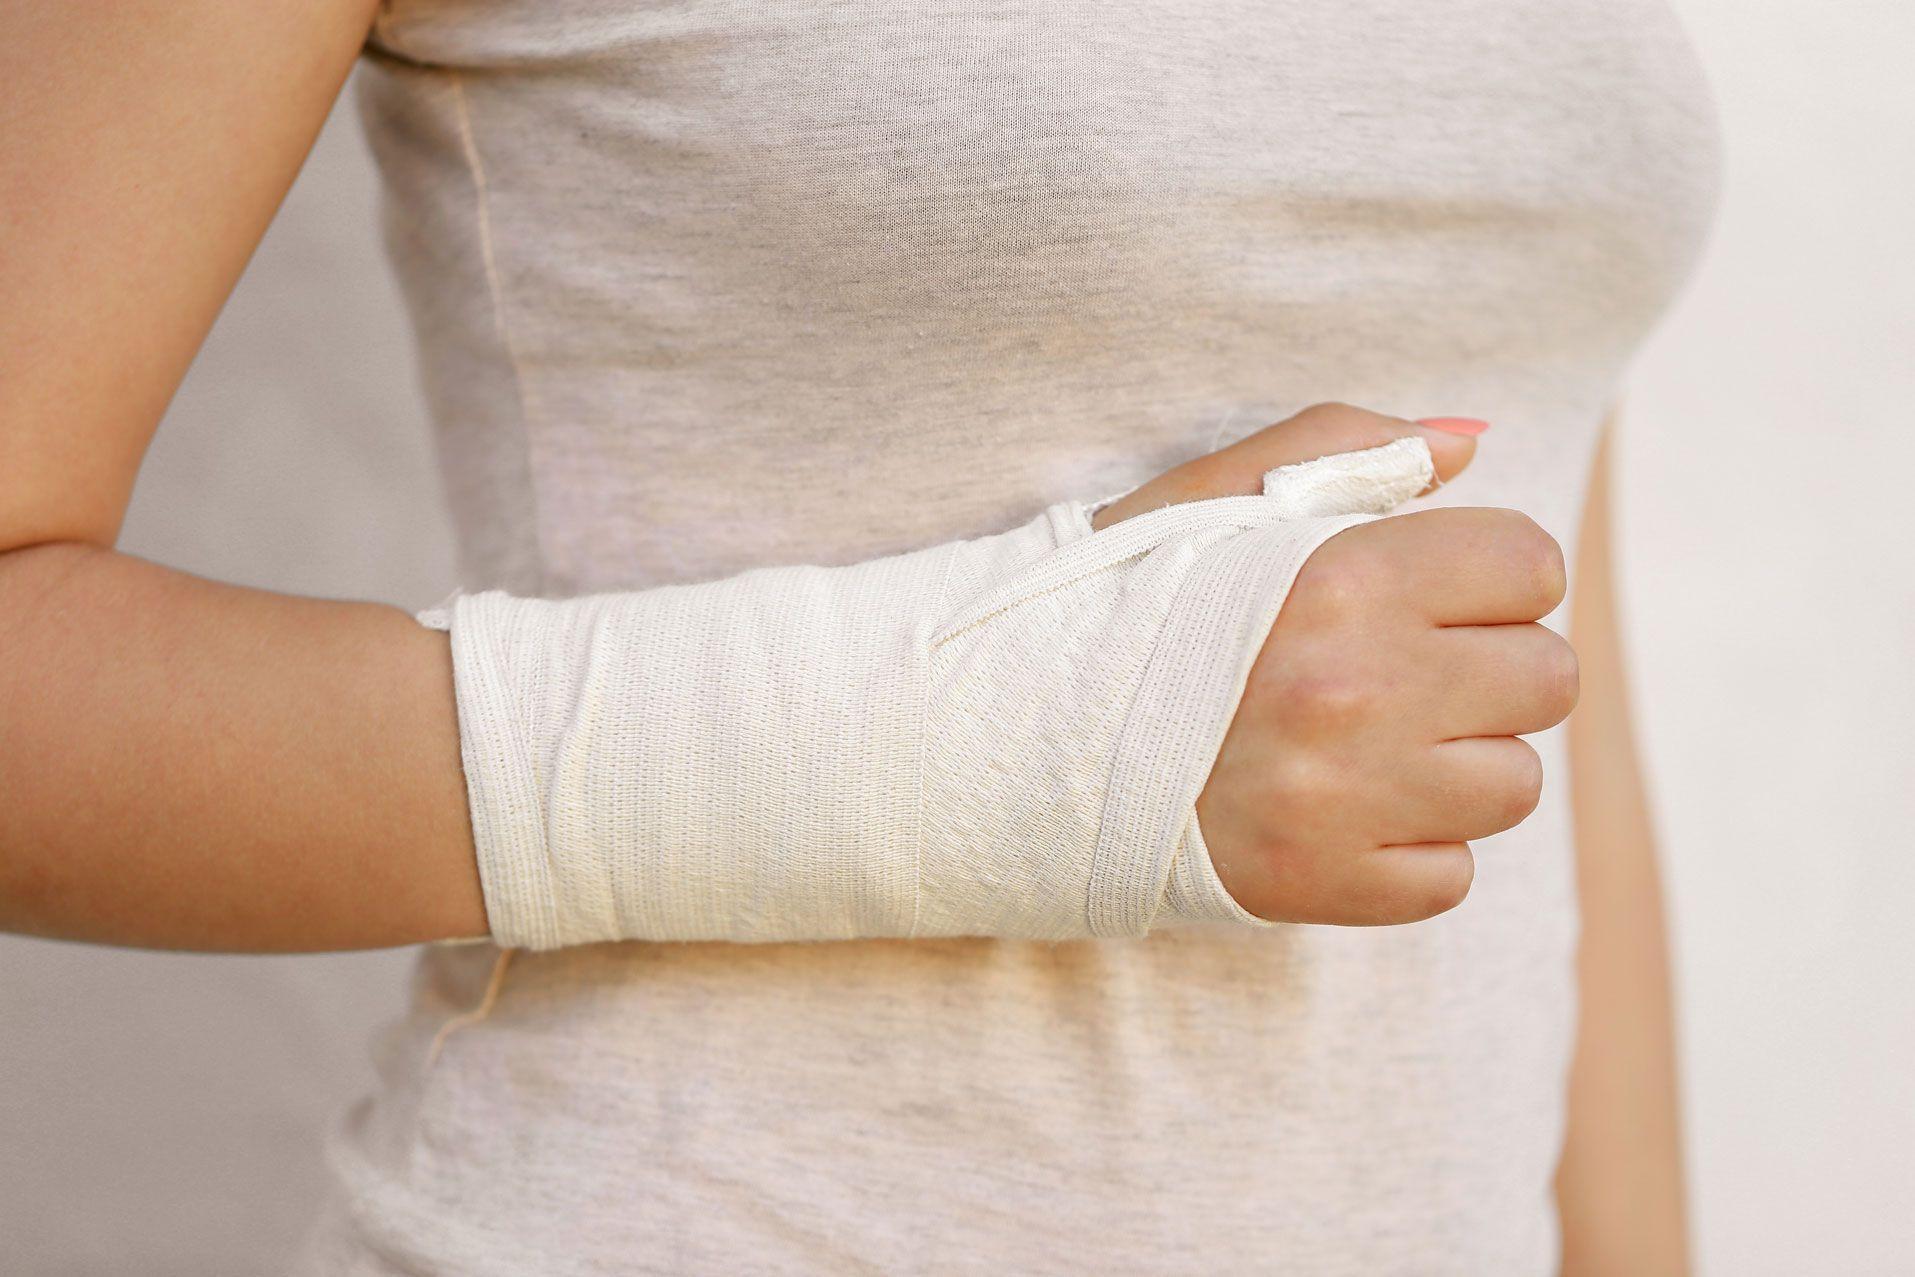 Сломали правую руку